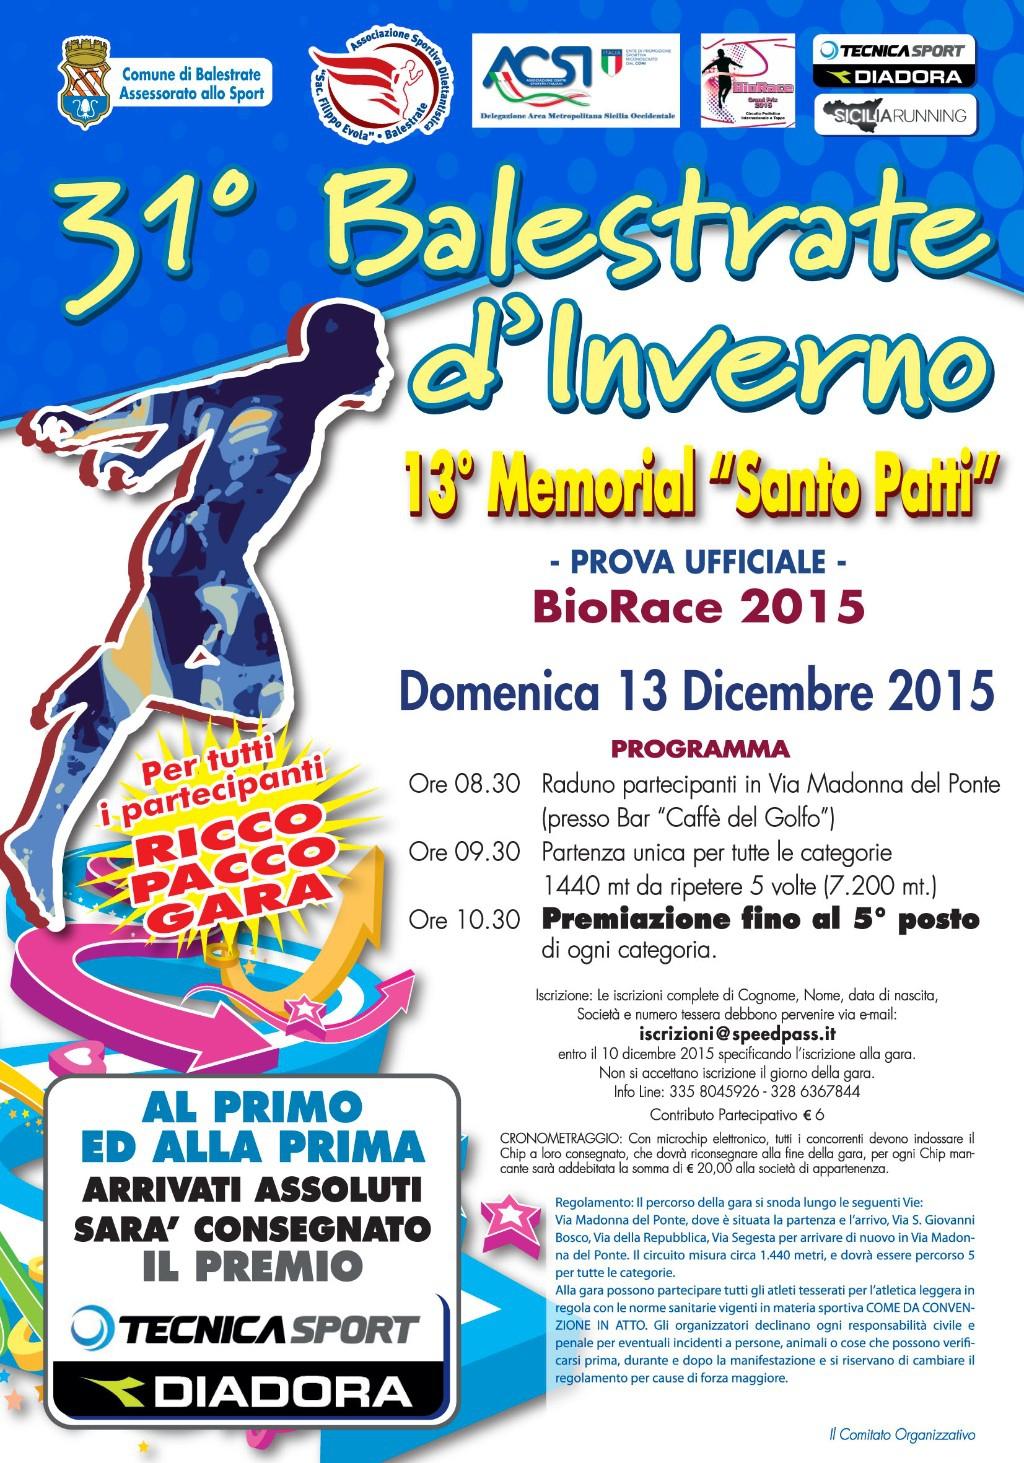 Podismo: Il  BioRace a Balestrate per la 31� Balestrate D�Inverno.